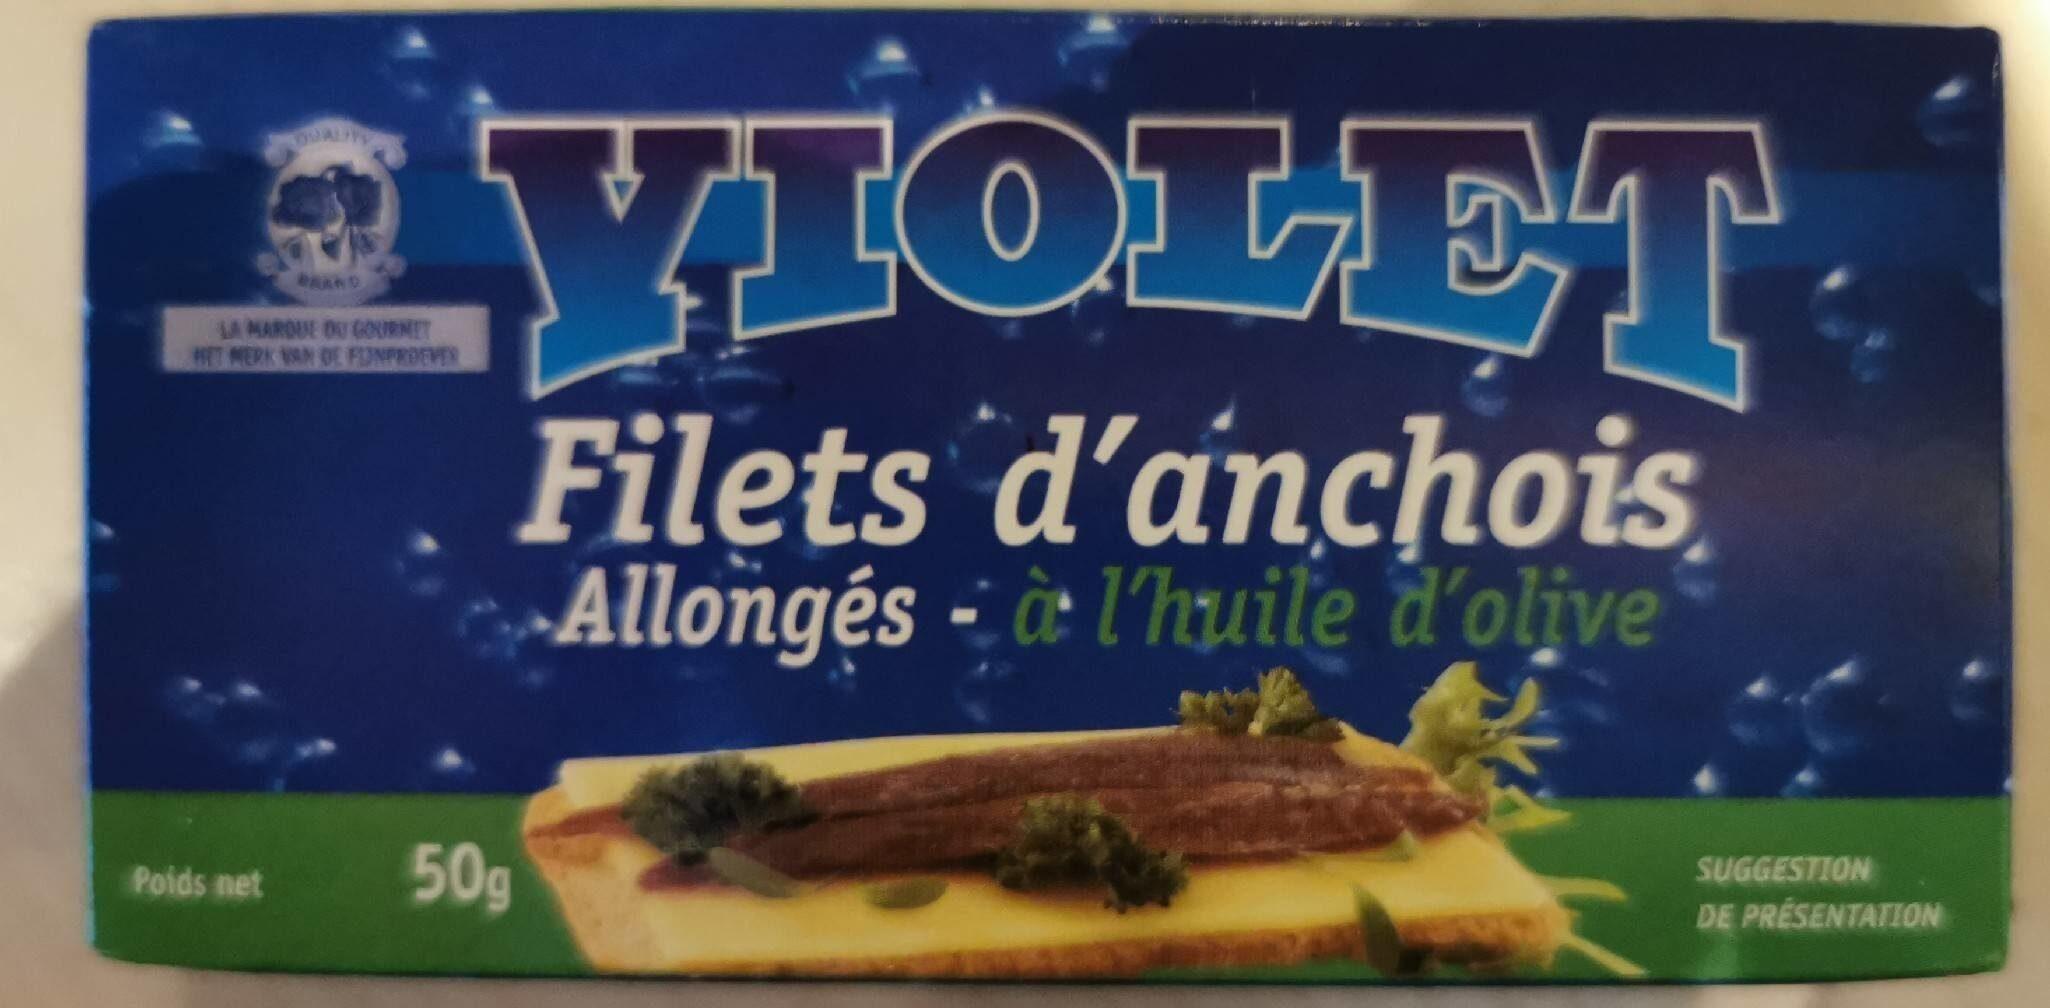 filet d anchois - Product - fr